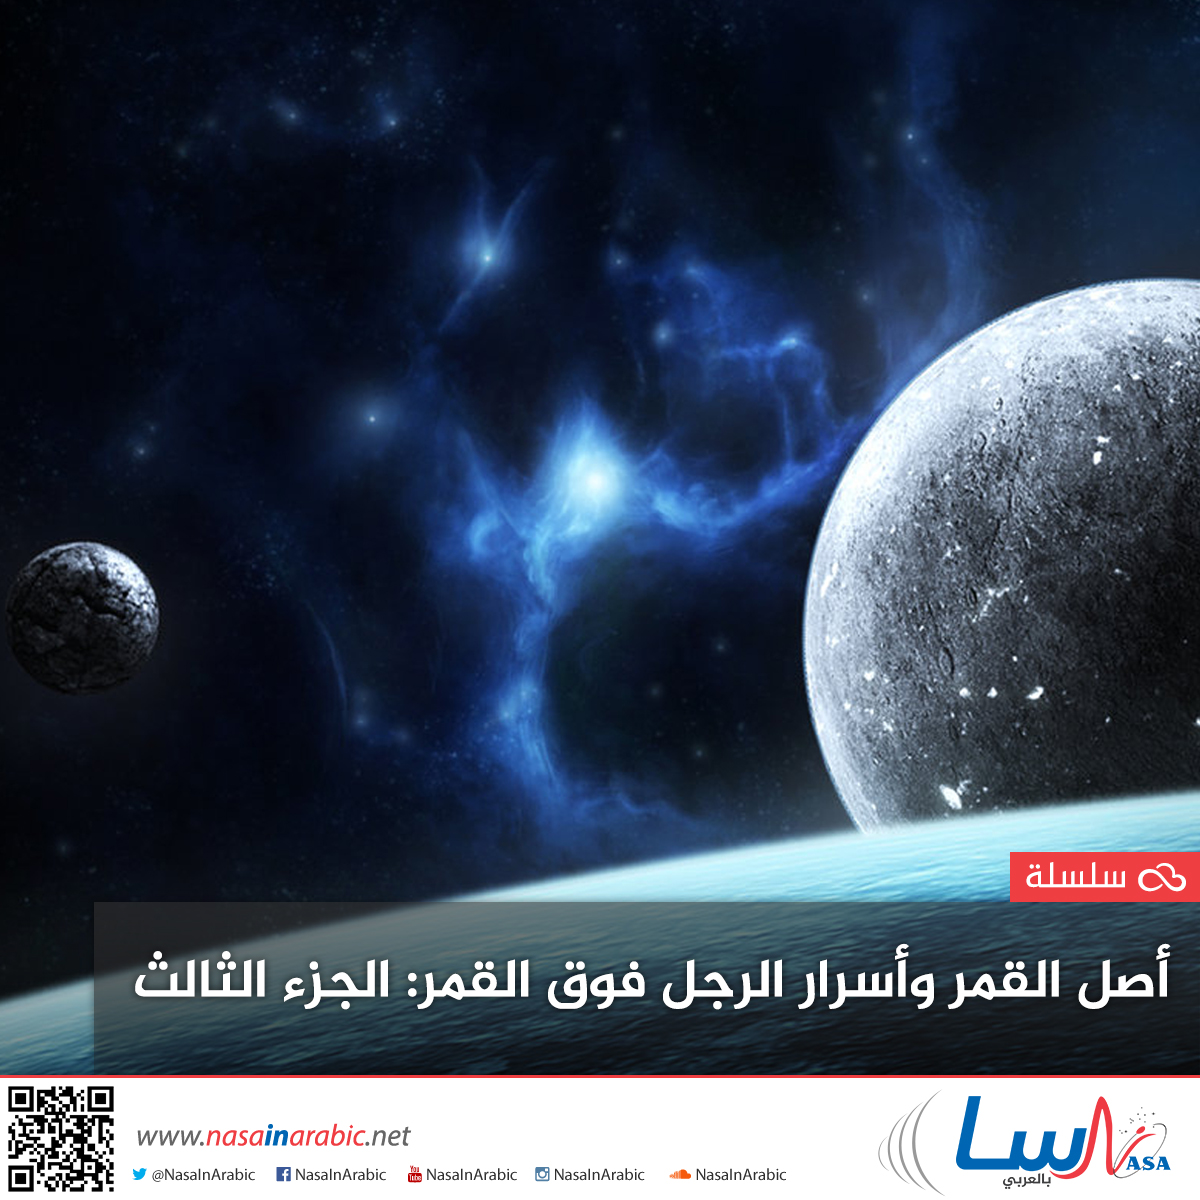 أصل القمر وأسرار الرجل فوق القمر: الجزء الثالث